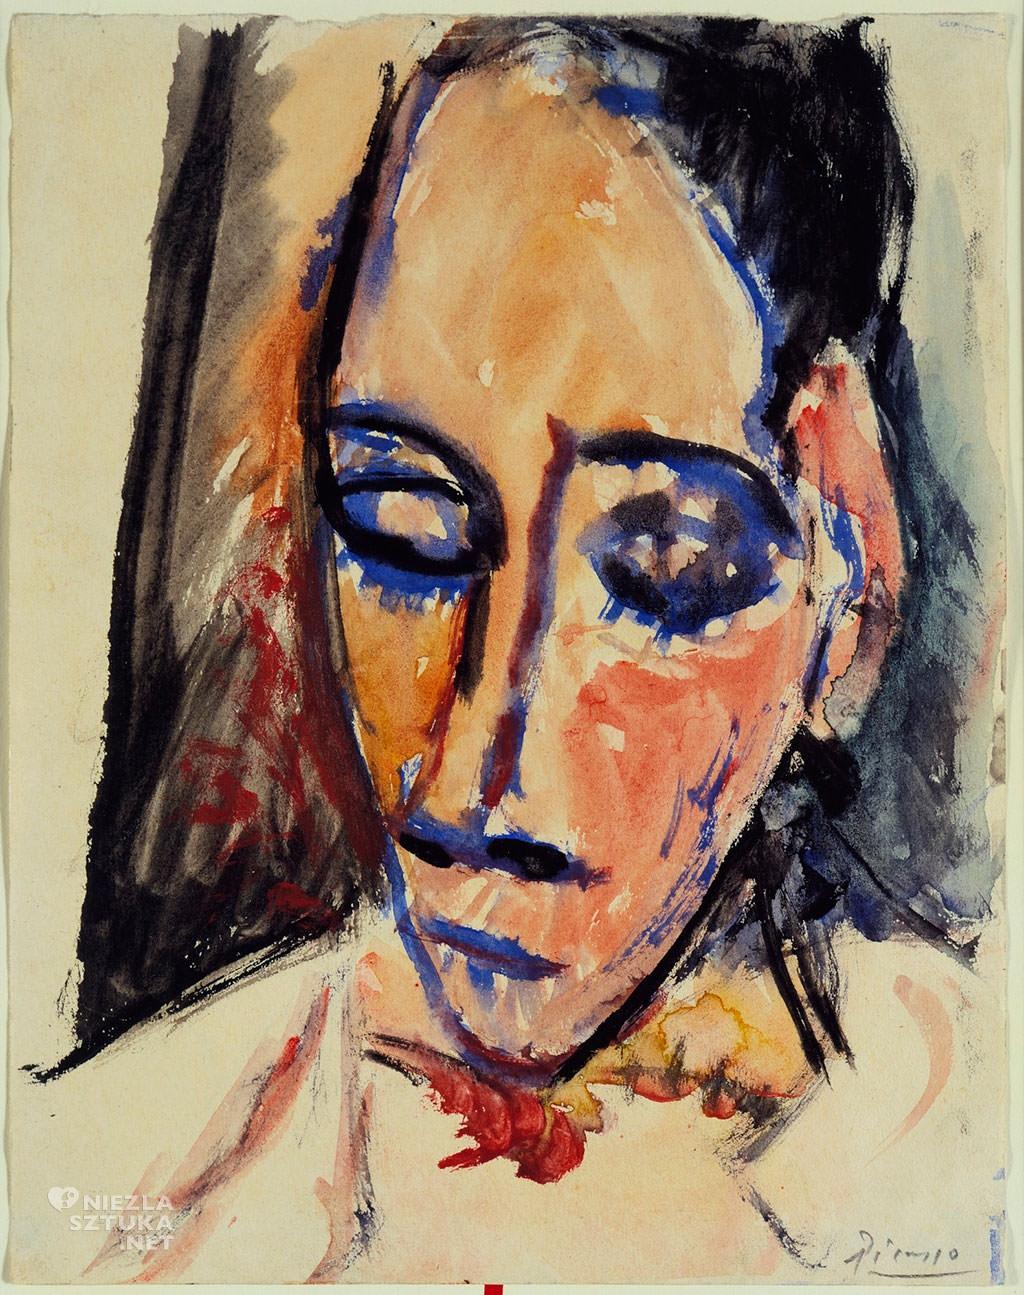 Pablo Picasso, Szkic do obrazu Panny z Awinionu, 1907, akwarela, papier, Museum of Modern Art, Nowy Jork, Niezła sztuka